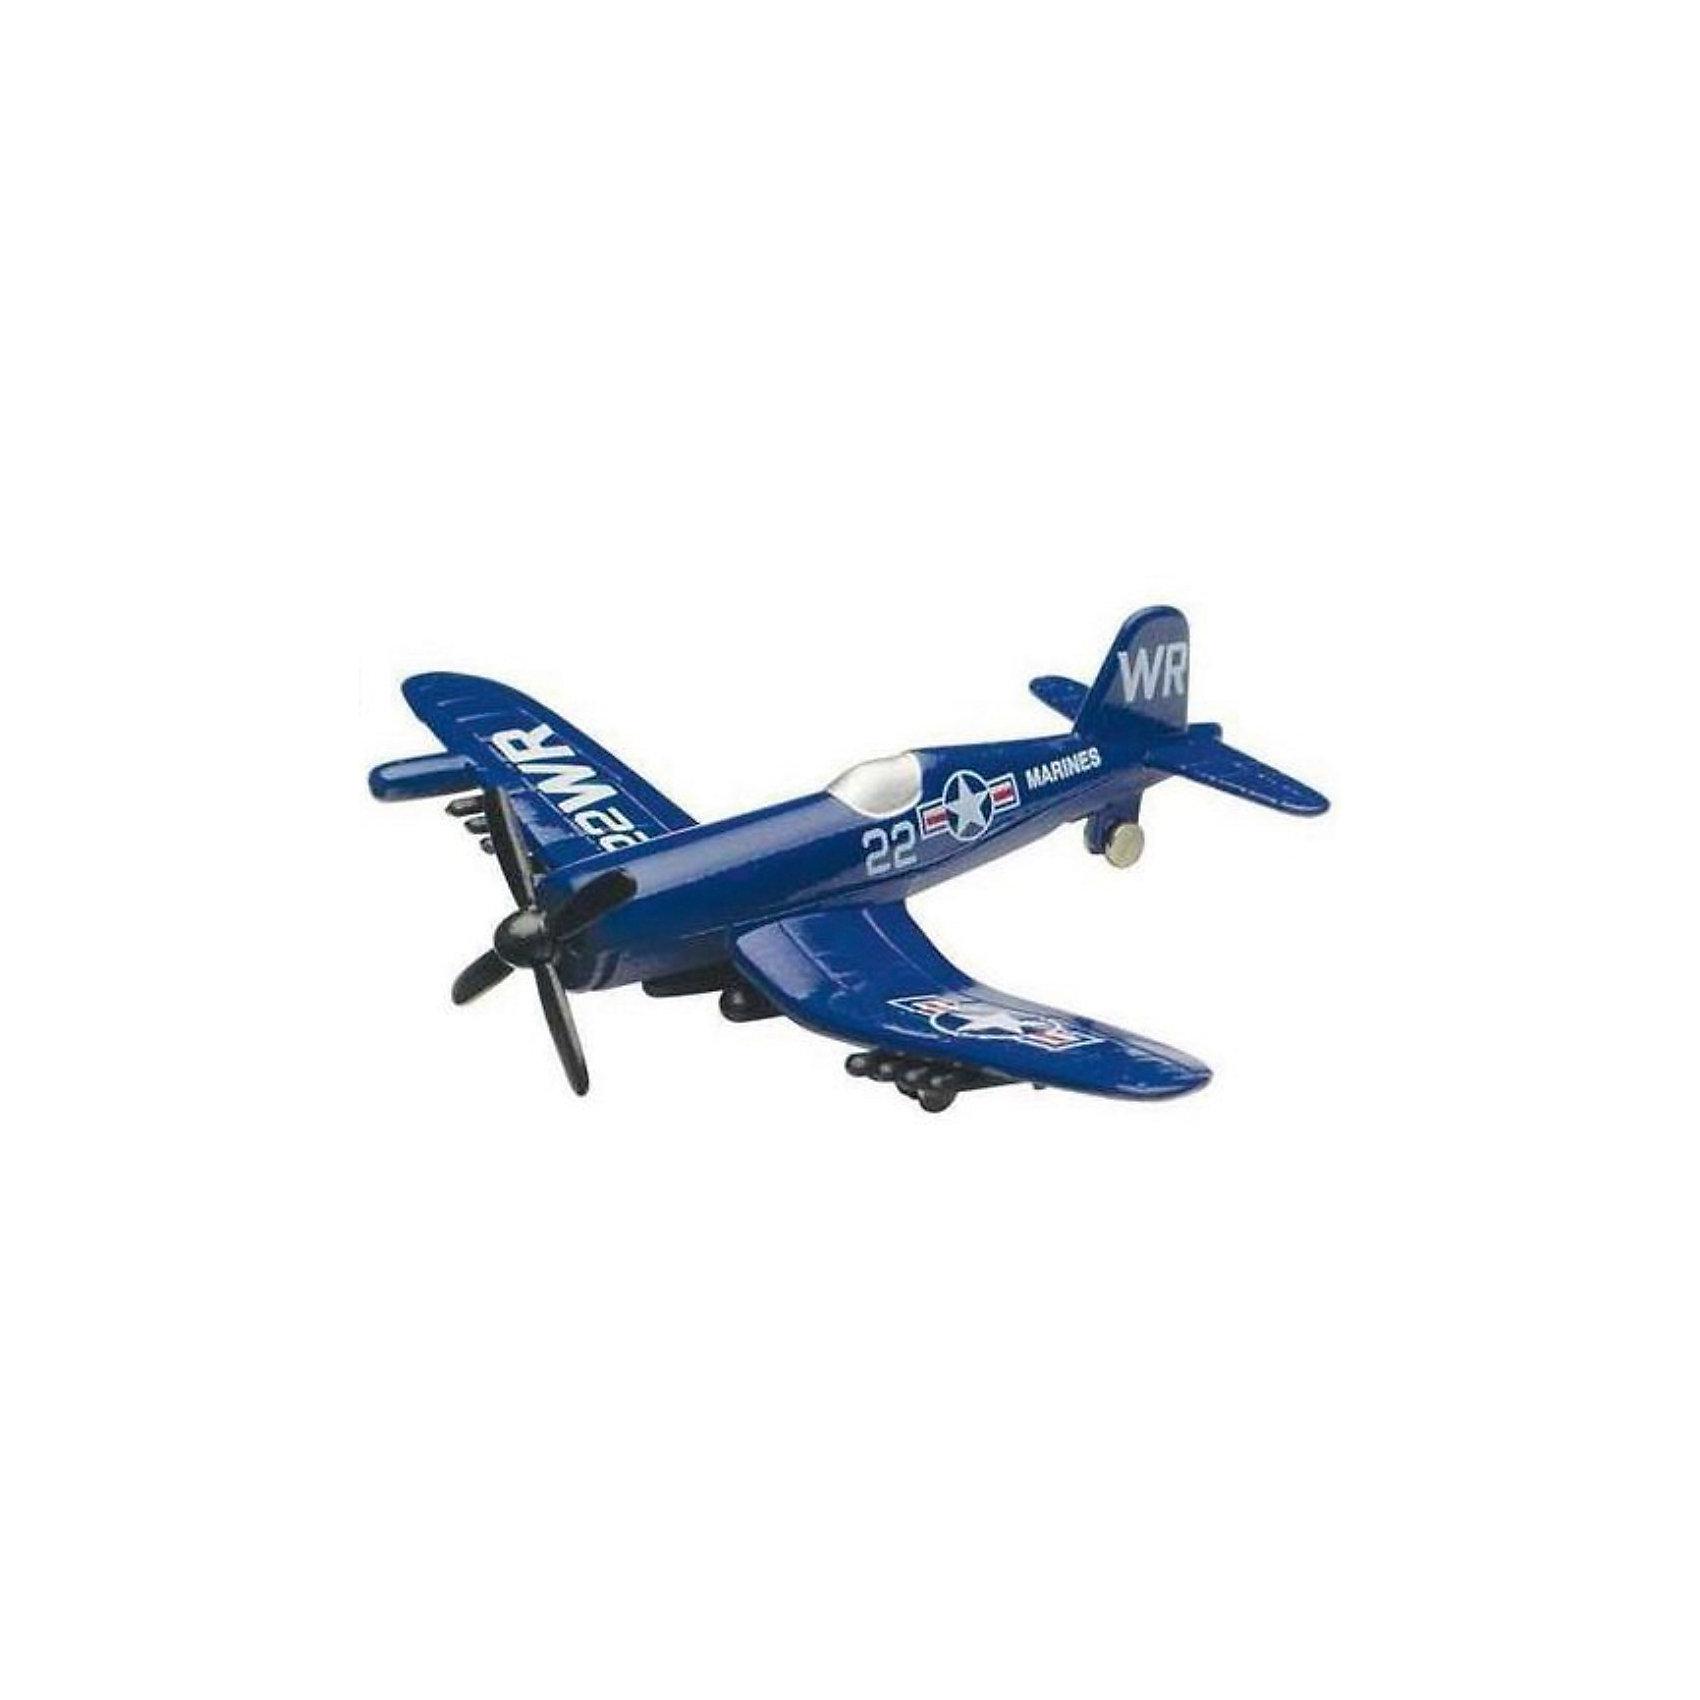 Самолет F4U-1D Corsair,  MotormaxСамолет F4U-1D Corsair,  Motormax (Мотормакс) – это отличное пополнение коллекции авиационной техники.<br>Коллекционная игрушка самолет  F4U-1D Corsair (F4U Корсар) от компании Motormax (Мотормакс) в точности повторяет контуры американского однопалубного истребителя времен Второй мировой, чем вызовет неподдельный интерес, как у ребенка, так и взрослого коллекционера. Модель максимально приближена к своему прототипу. По сути это уменьшенная копия настоящего самолета, сохранившая его пропорции и узнаваемые элементы. Стоит также отметить хорошую для таких размеров детализацию. Модель самолета изготовлена из прочного и качественного пластика, поэтому может использоваться и для обычной игры.<br><br>Дополнительная информация:<br><br>- Длина самолета: 9 см.<br>- Материал: пластик<br><br>Самолет F4U-1D Corsair,  Motormax (Мотормакс) можно купить в нашем интернет-магазине.<br><br>Ширина мм: 127<br>Глубина мм: 30<br>Высота мм: 178<br>Вес г: 80<br>Возраст от месяцев: 36<br>Возраст до месяцев: 168<br>Пол: Мужской<br>Возраст: Детский<br>SKU: 3839005